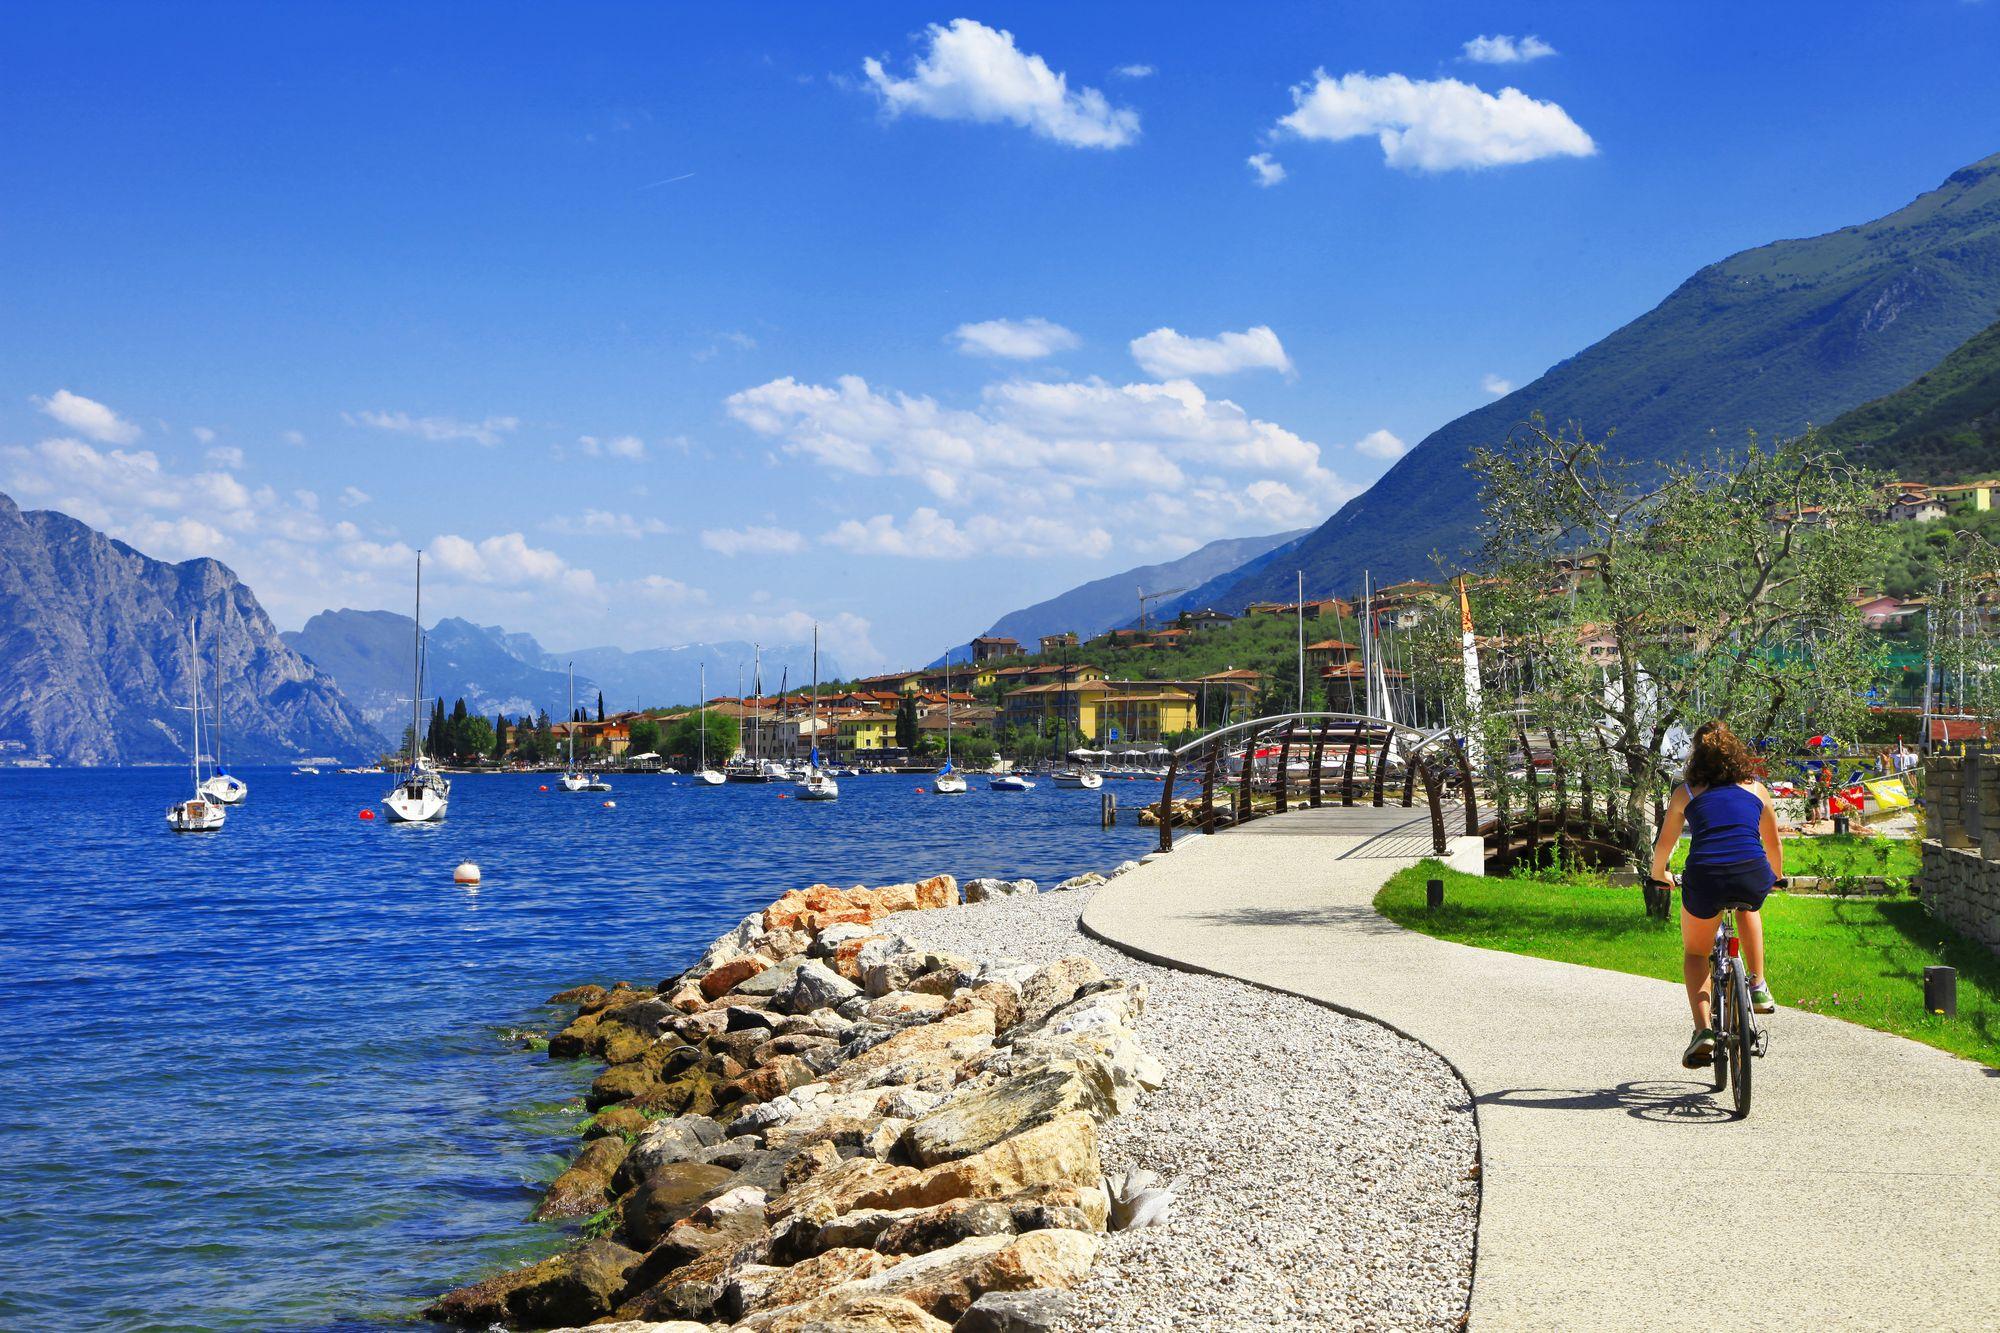 Německo, Rakousko, Švýcarsko, Itálie - Via Claudia Augusta